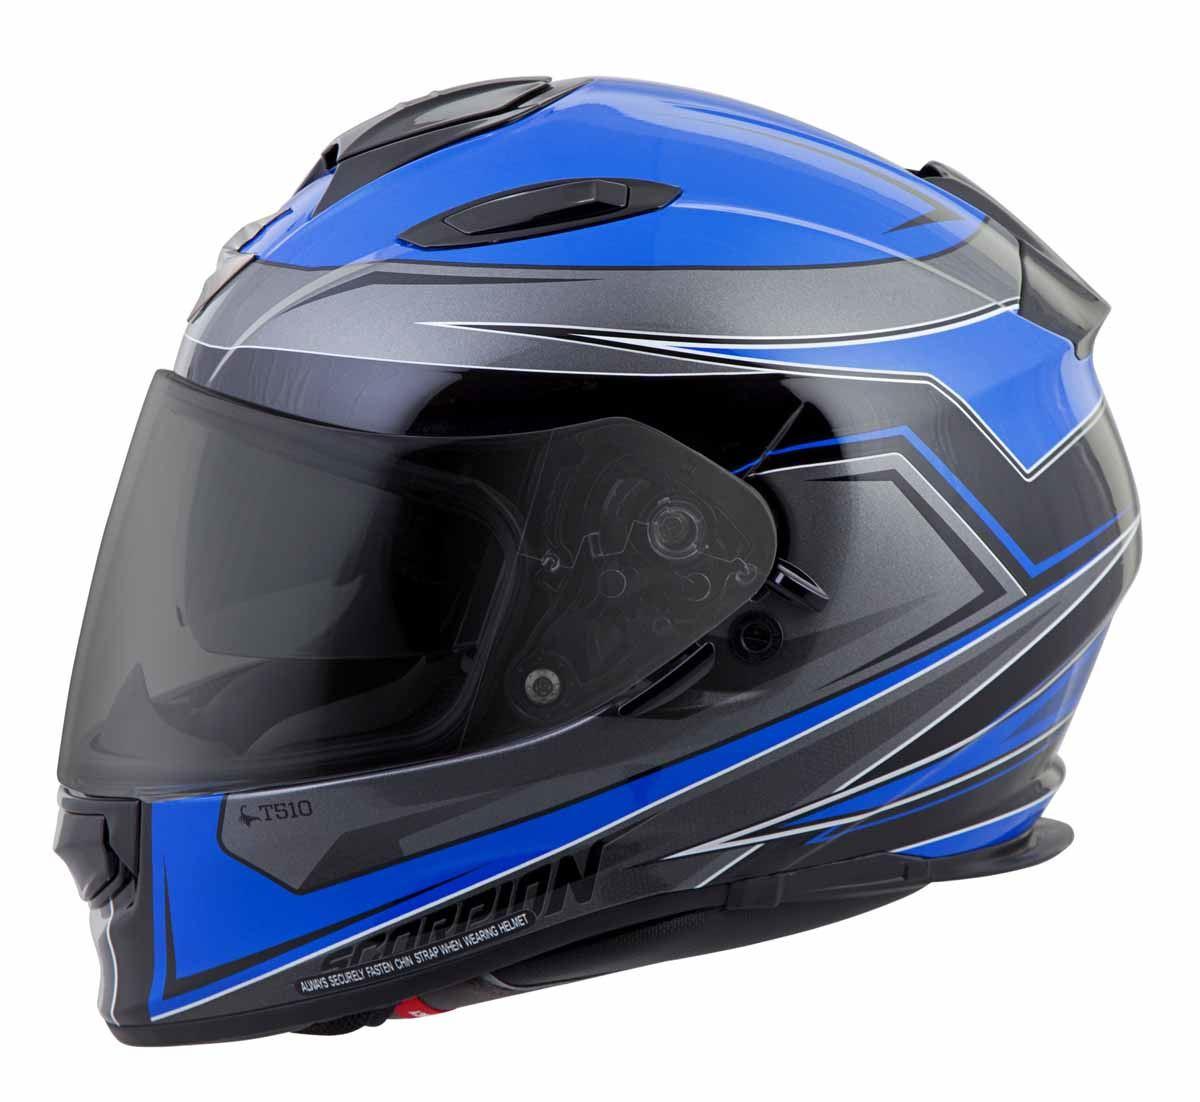 Scorpion-EXO-T510-Helmet-Full-Face-DOT-Approved-Inner-Sun-Shield miniature 27